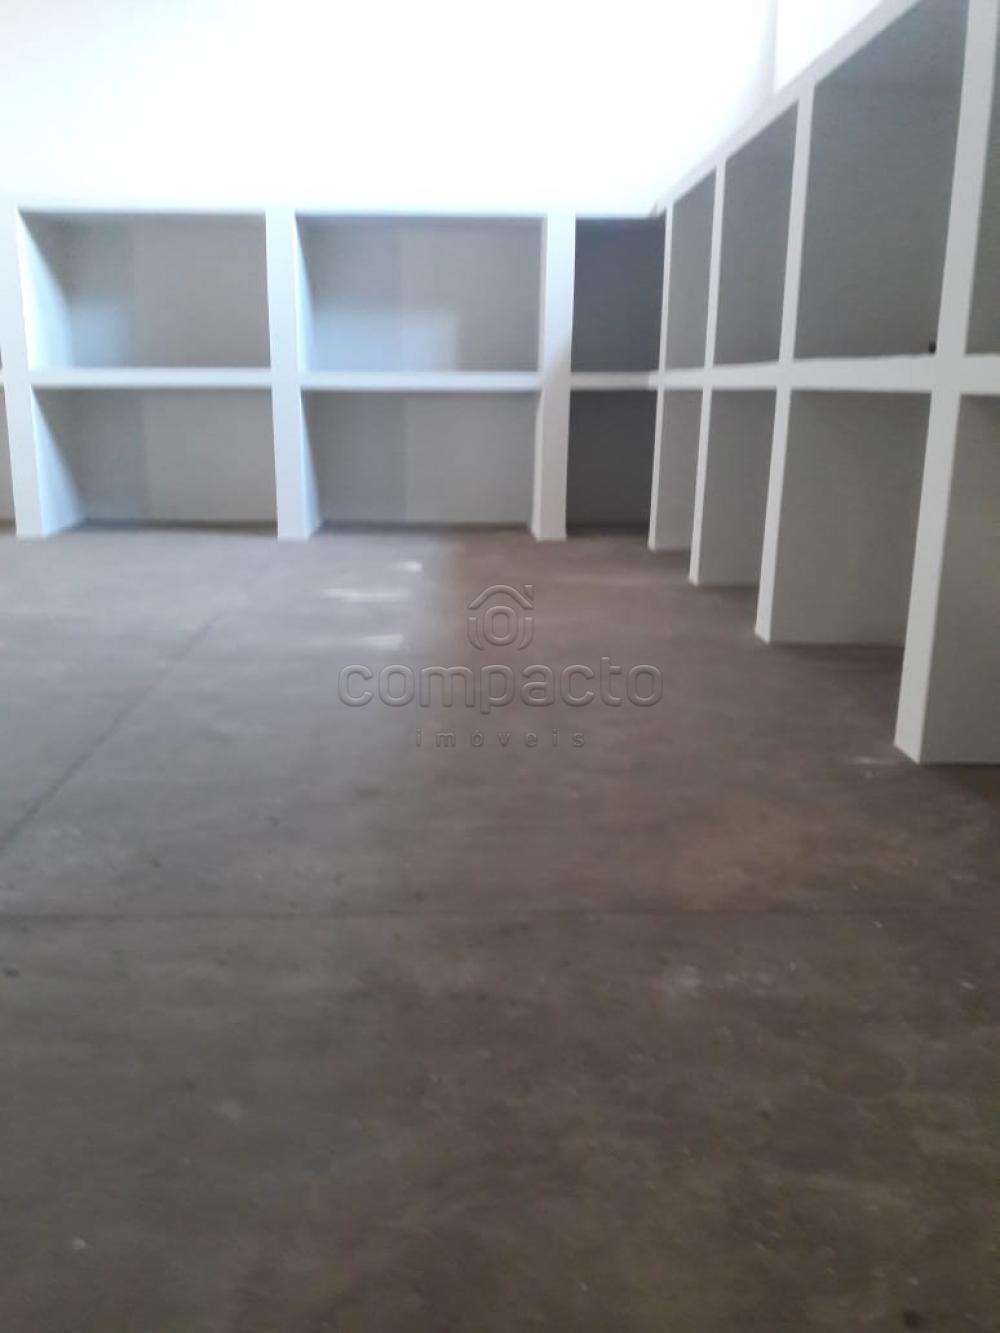 Alugar Comercial / Barracão em São José do Rio Preto apenas R$ 5.900,00 - Foto 10